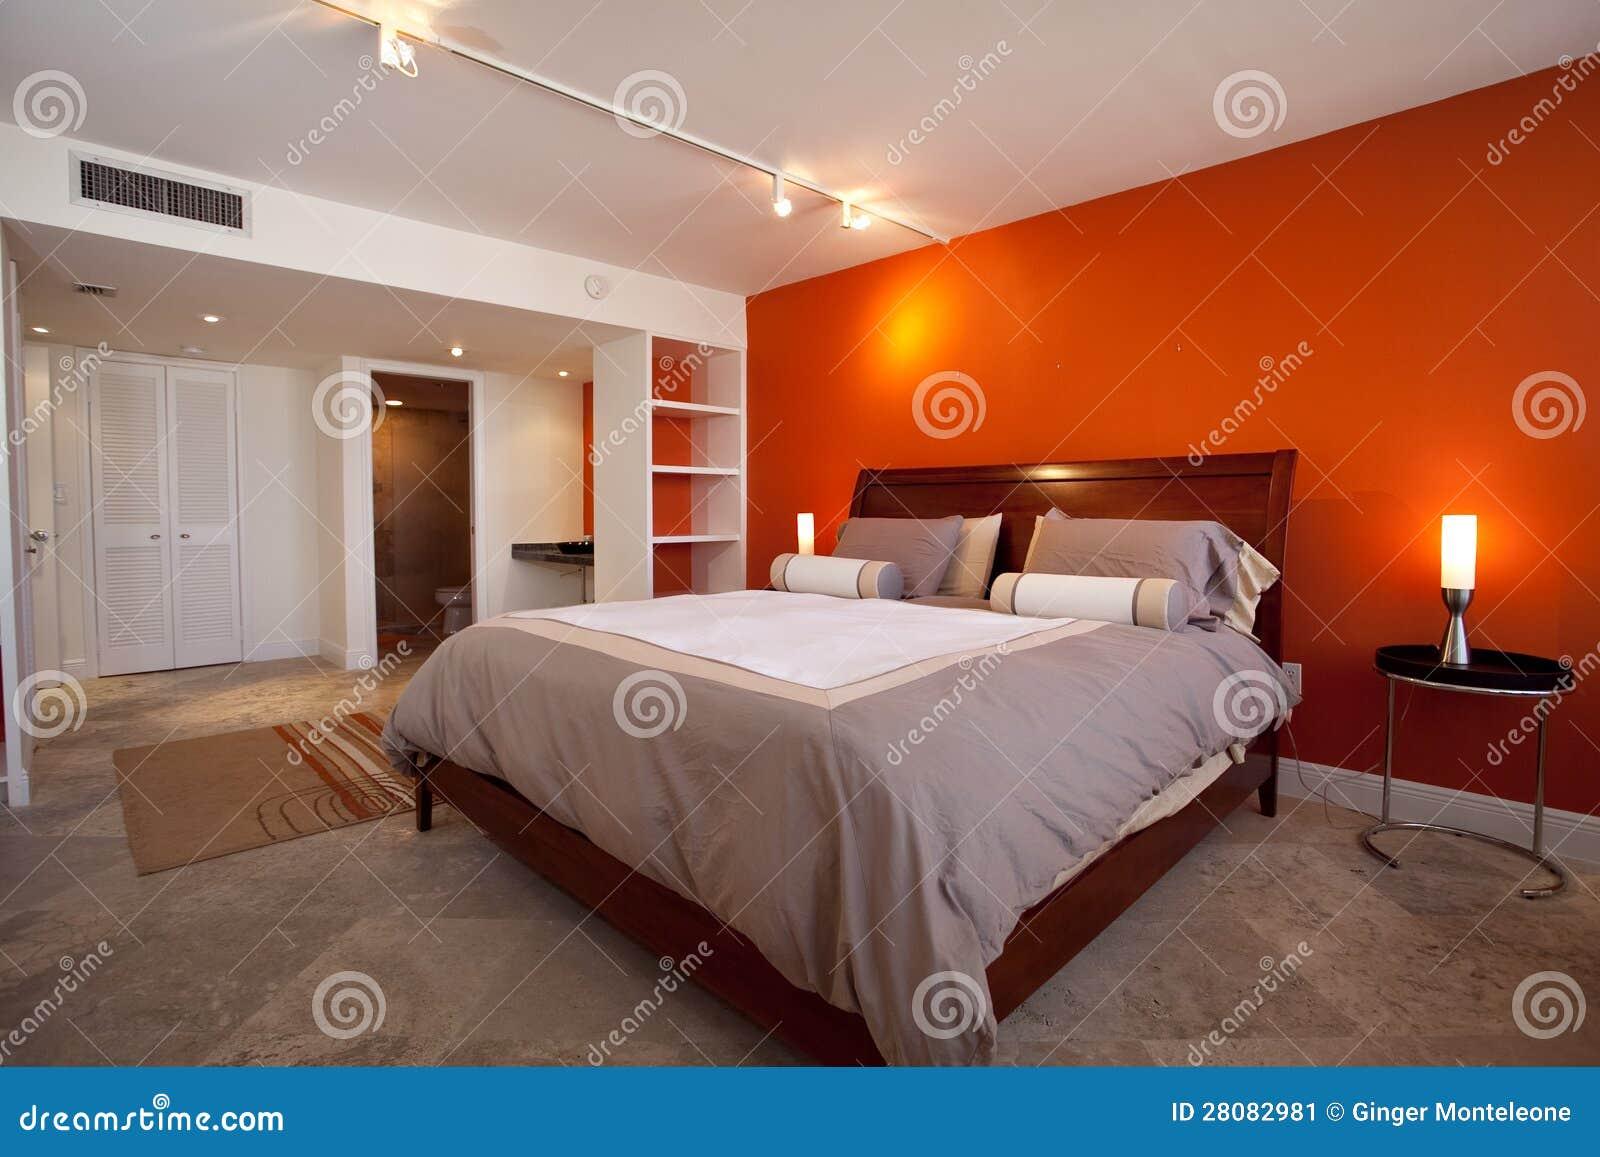 Colore Arancione Pareti Camera Da Letto.Pareti Arancio Camera Da Letto Joodsecomponisten